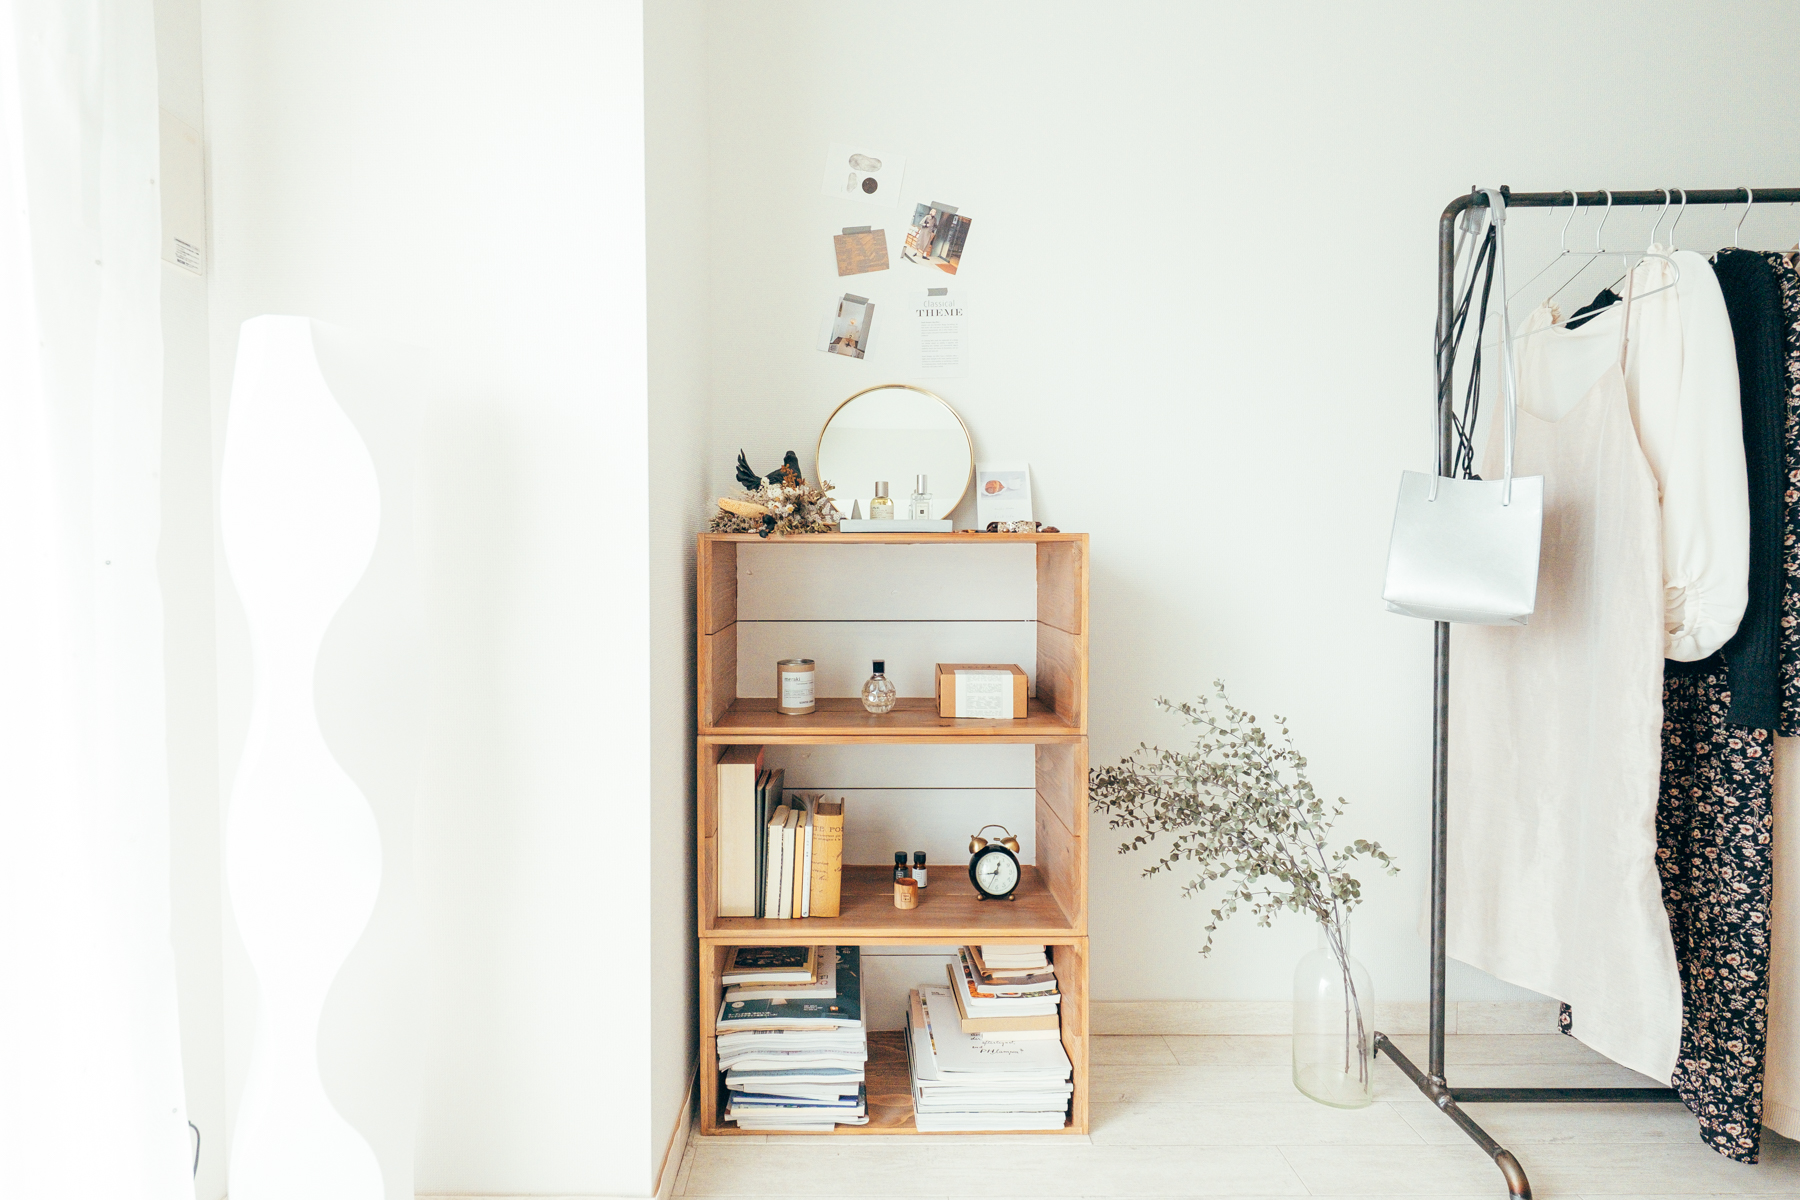 りんご箱を重ねた収納棚も、背板を白く塗ることで抜け感のある家具に変身